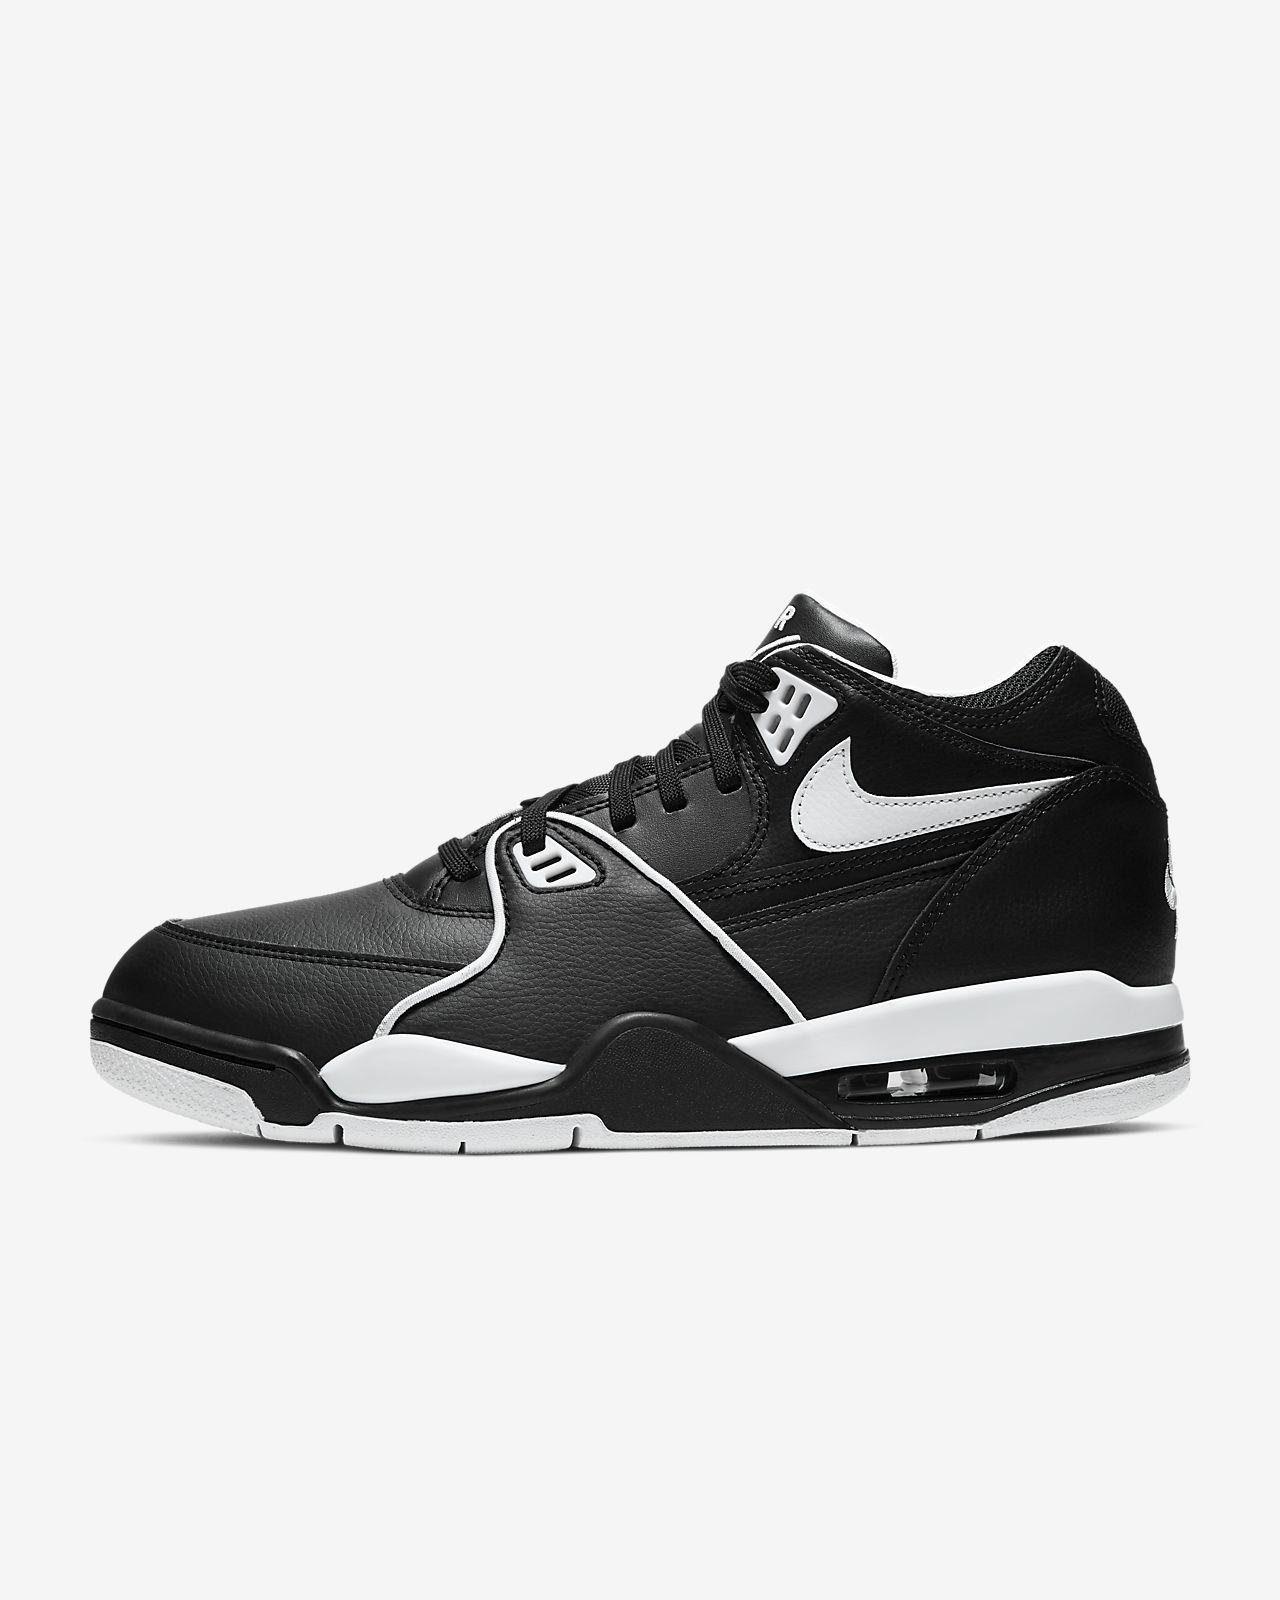 Nike Air Flight 89 男子运动鞋